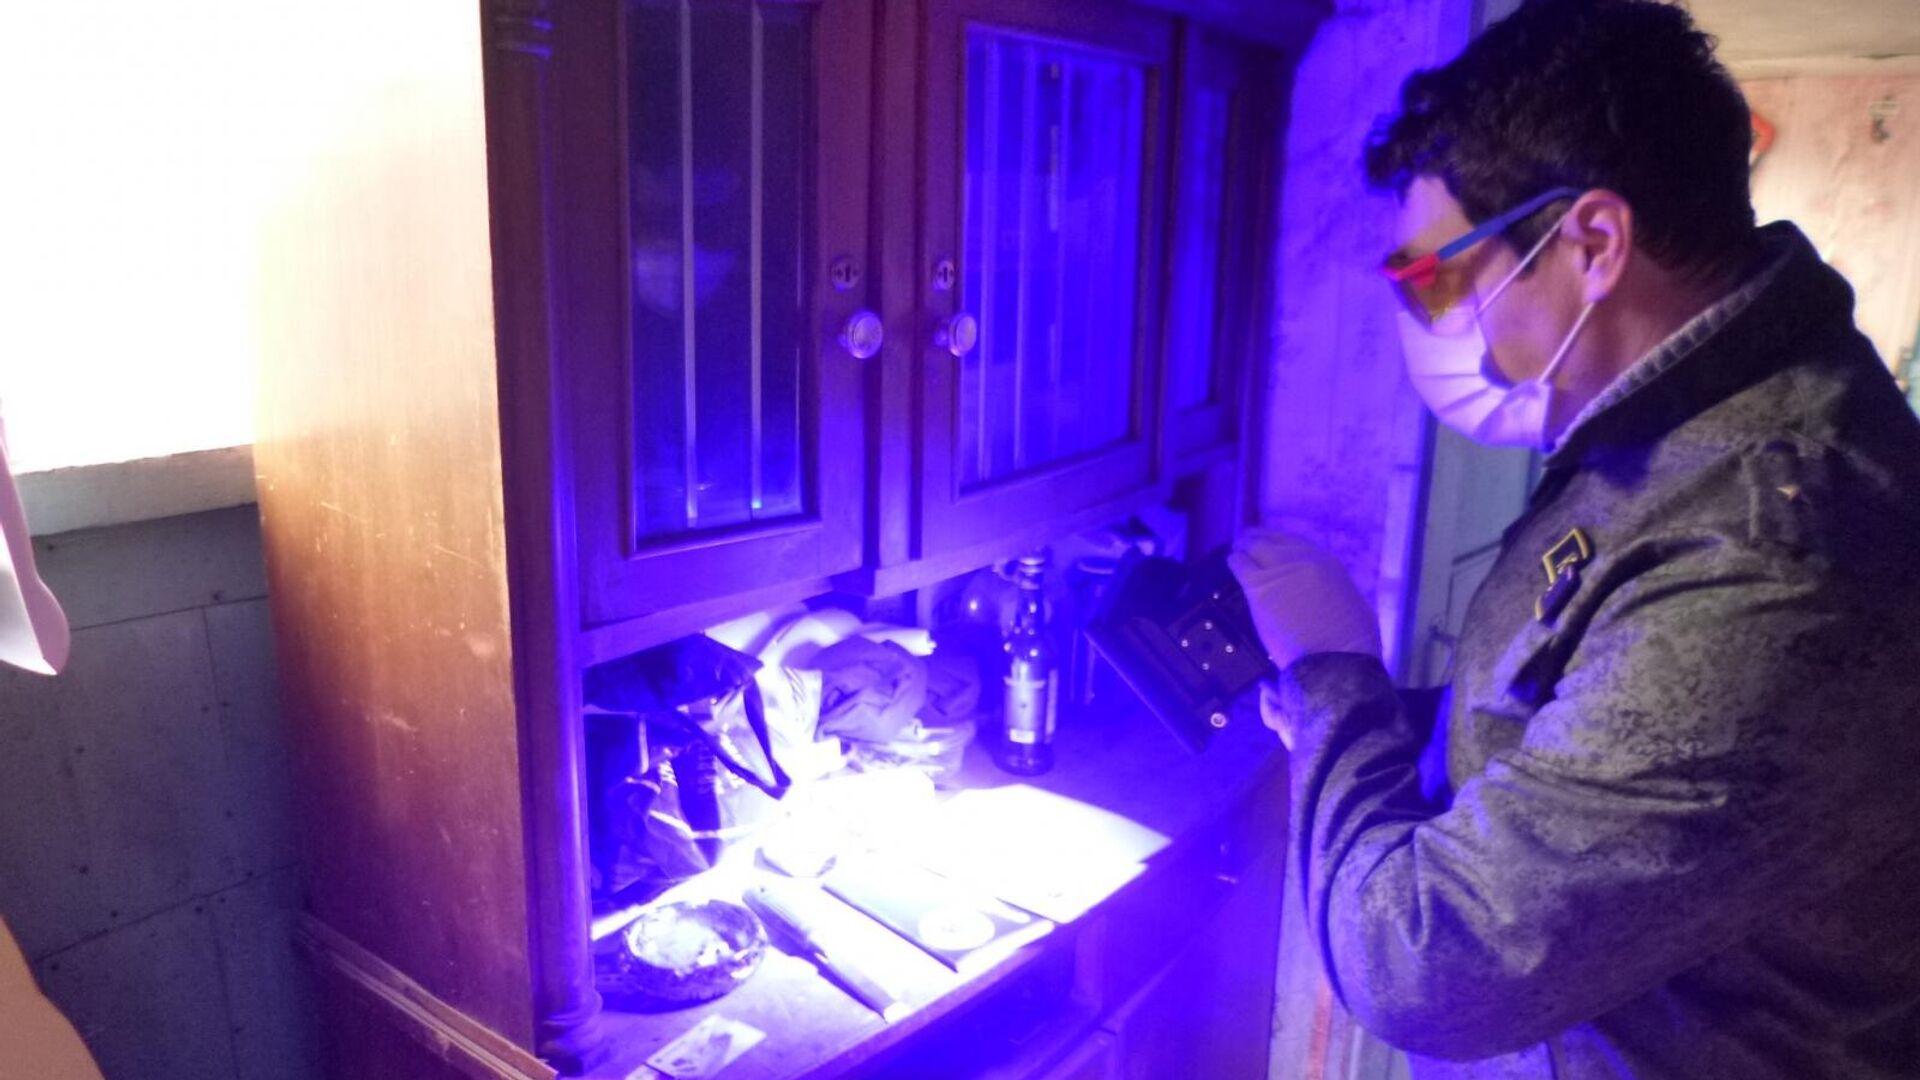 Следственные действия на месте убийства 6-летнего мальчика в городе Энгельсе - РИА Новости, 1920, 21.11.2020